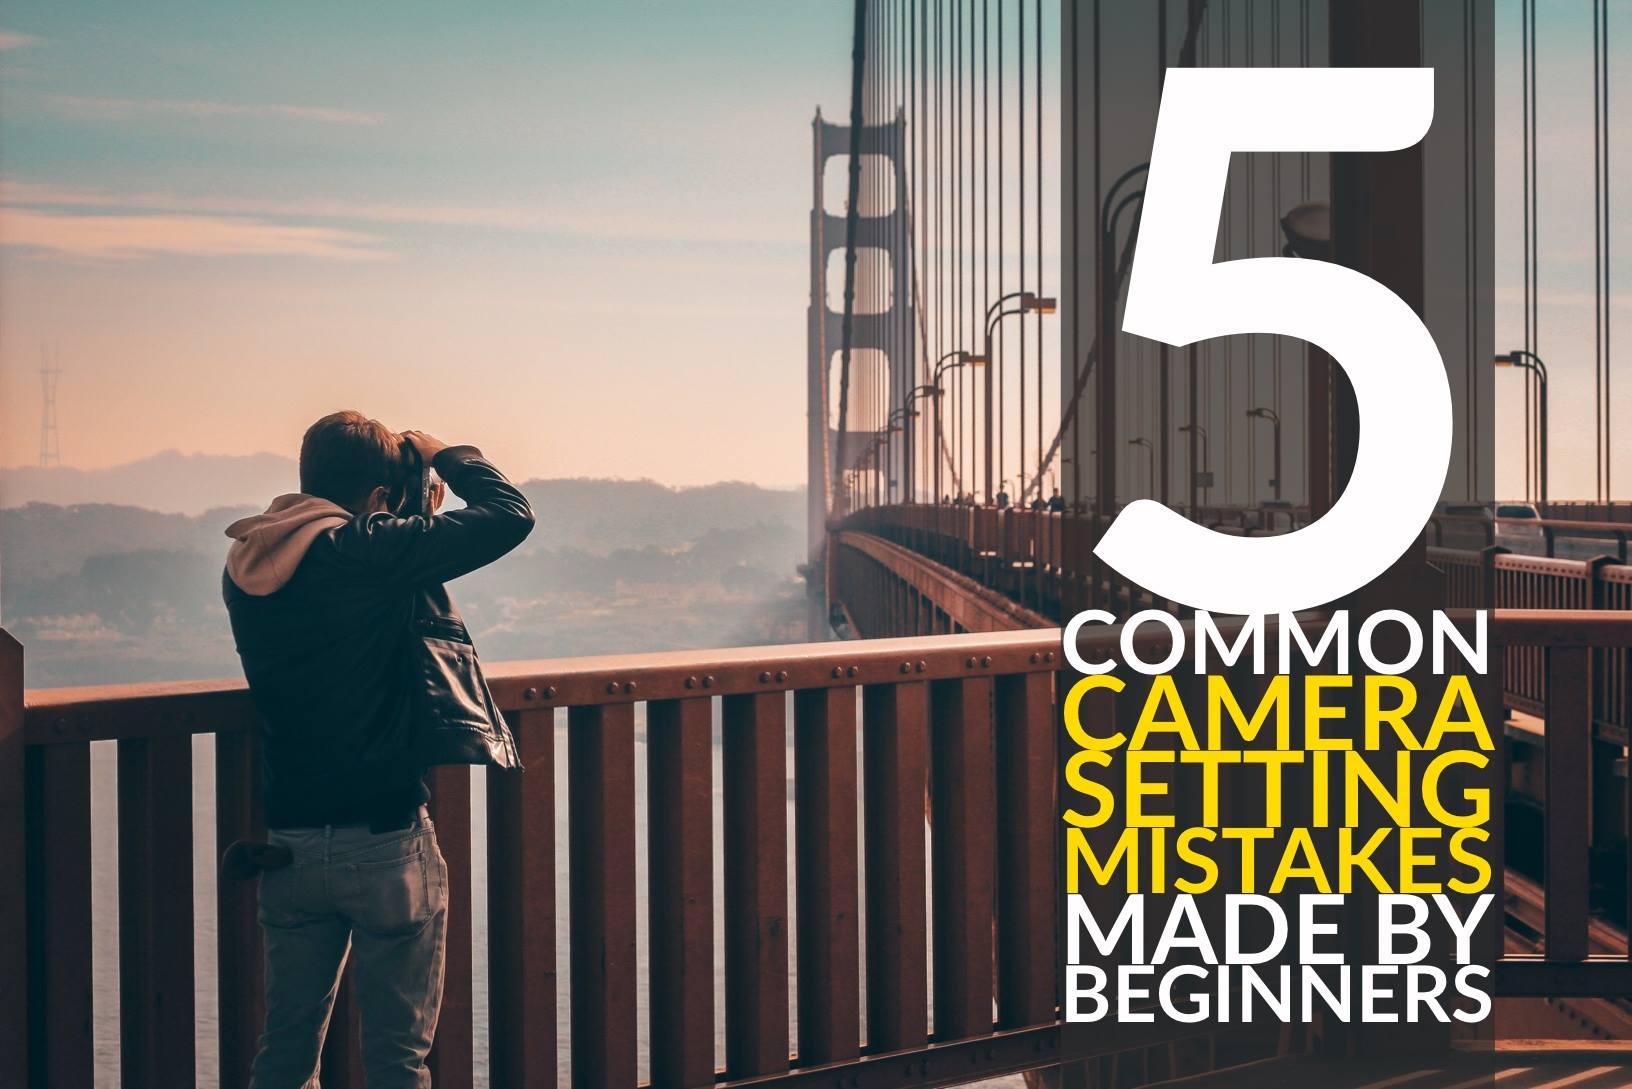 避免初学者犯下的这5个常见的相机设置错误